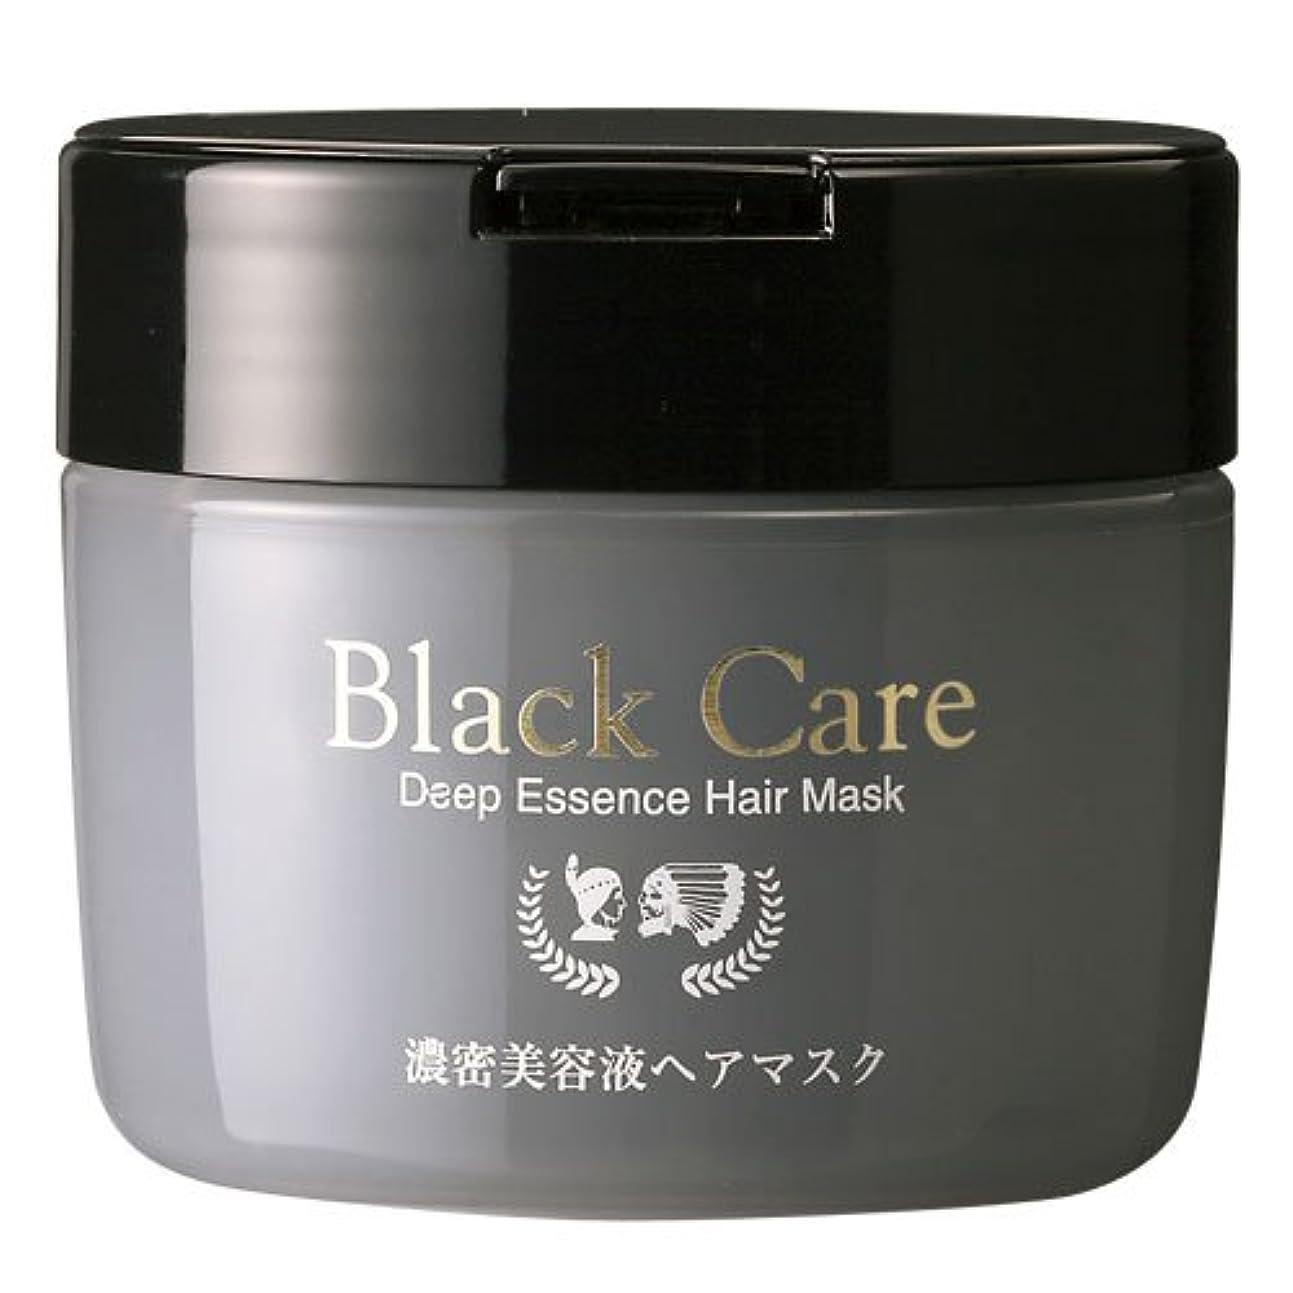 ブラックケア ヘアマスク 1個